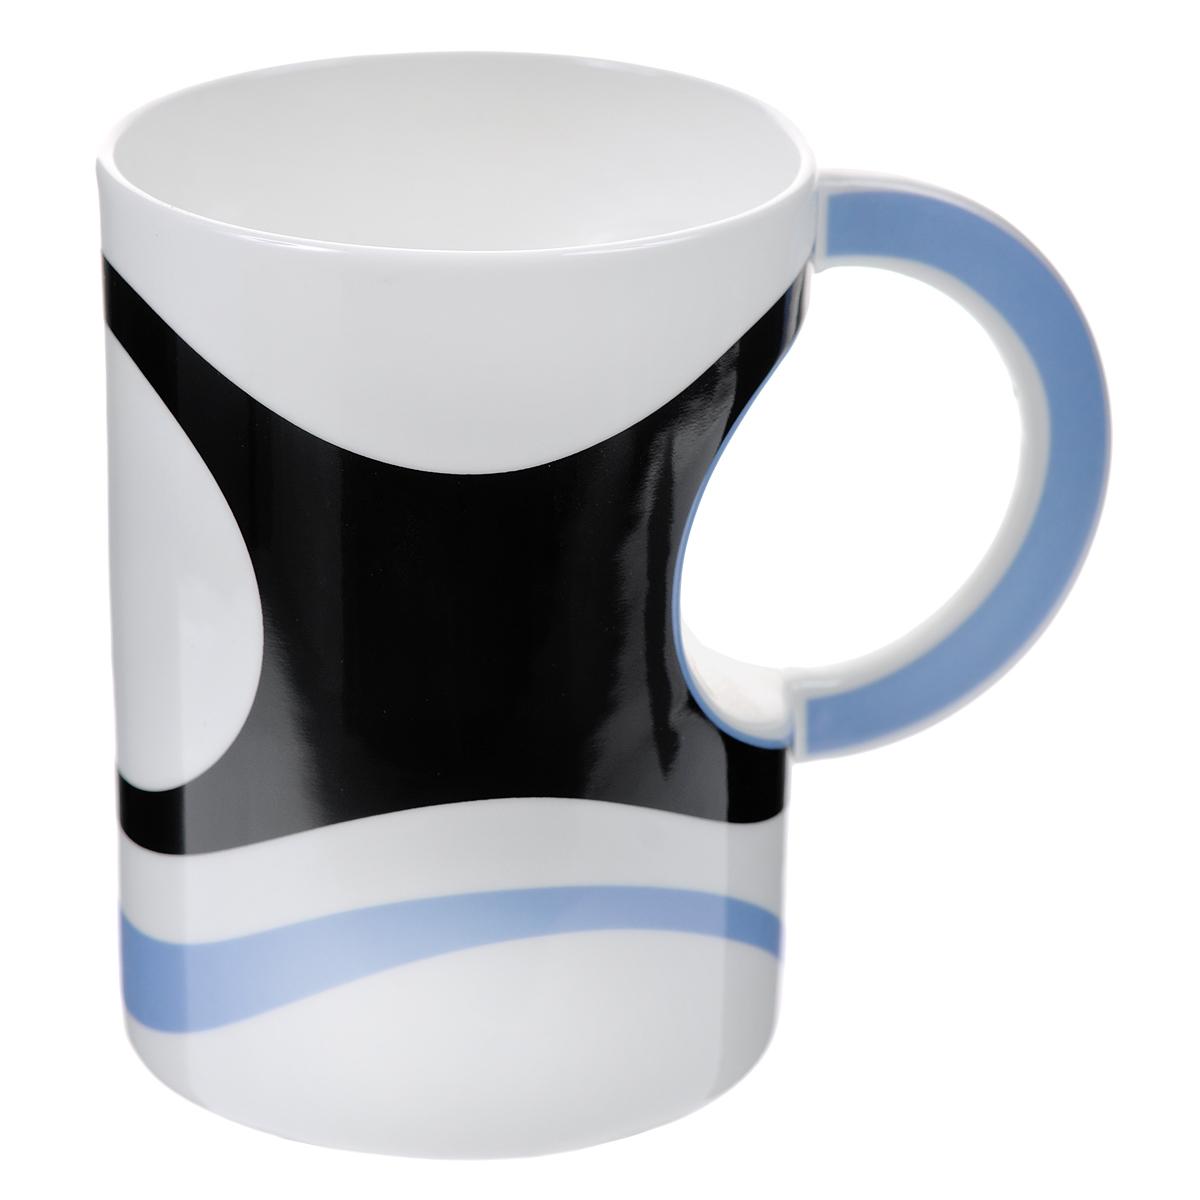 Кружка Карамба, цвет: черный, белый, голубой. 003407003407Стильная кружка Карамба необычной вогнутой формы с рисунком в виде полос выполнена из керамики.Такая кружка станет не только приятным, но и практичным сувениром. Характеристики:Материал:керамика. Высота кружки:11,5 см. Диаметр по верхнему краю: 8,5 см. Размер упаковки:11,5 см х 9,8 см х 12,5 см. Артикул: 003407.